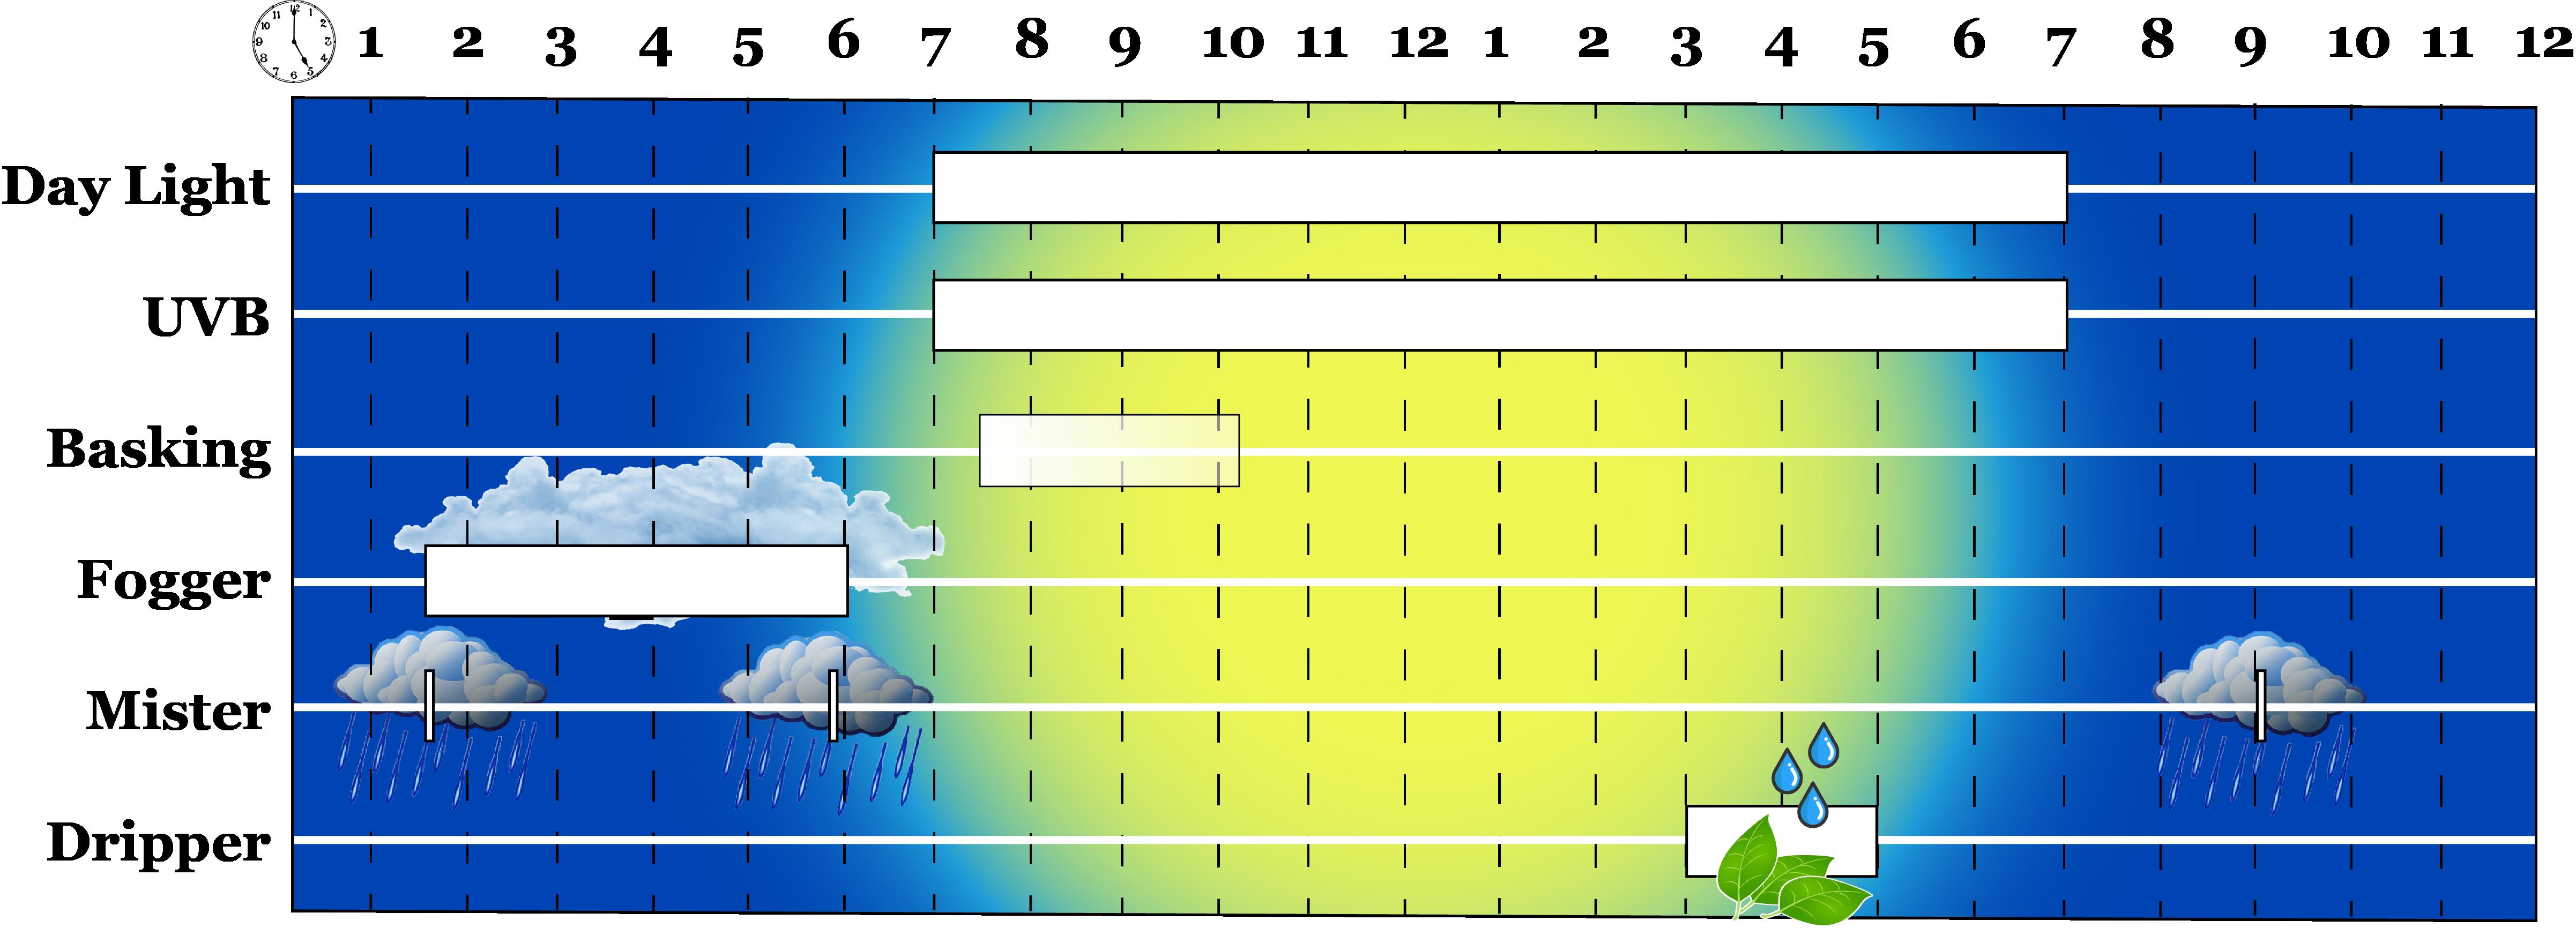 Chameleon Hydration Schedule